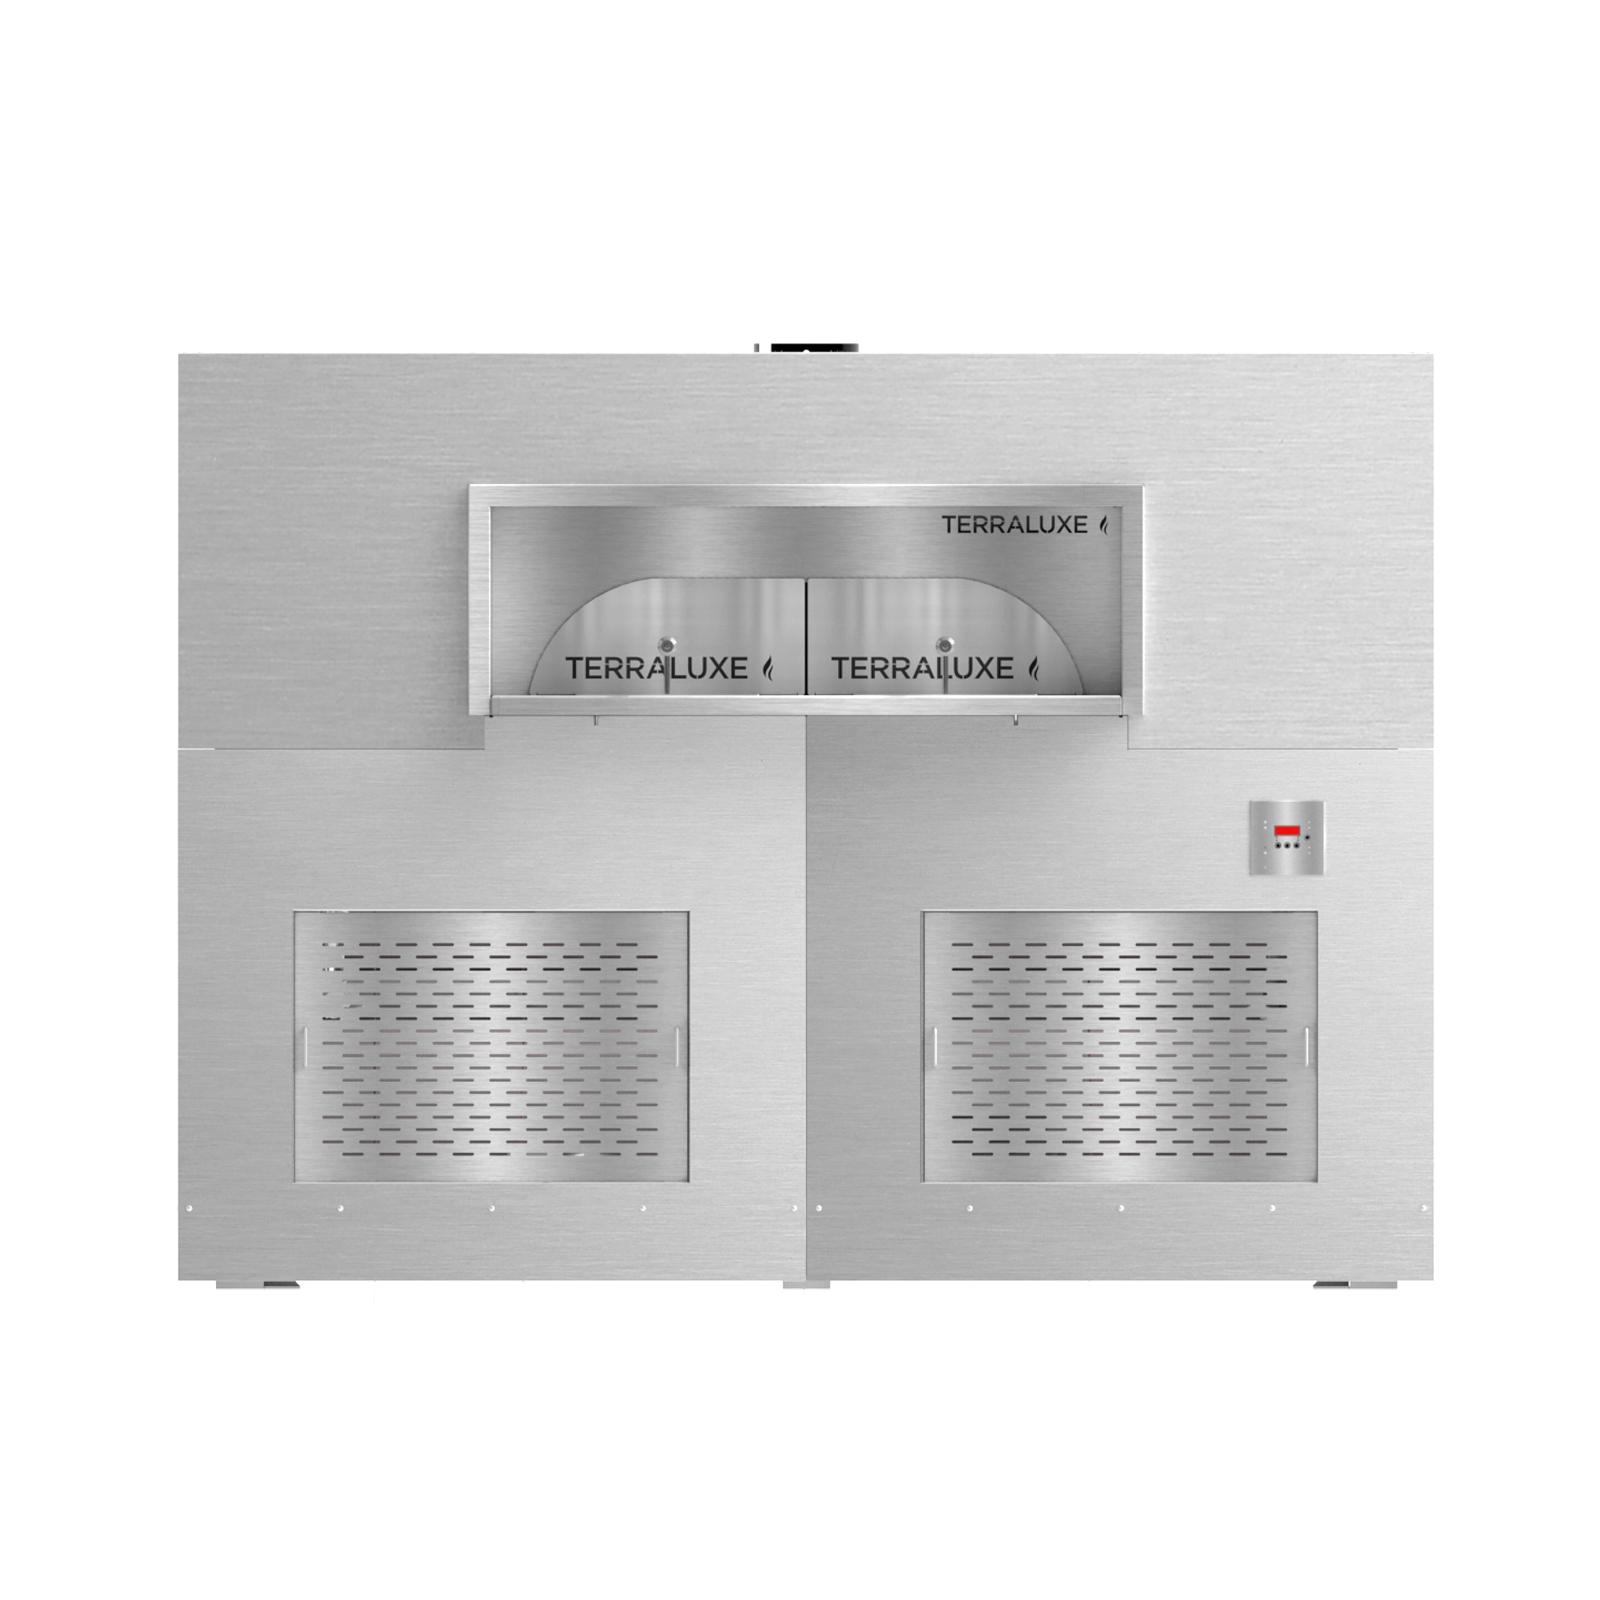 Hearth Oven: Stone Hearth Ovens